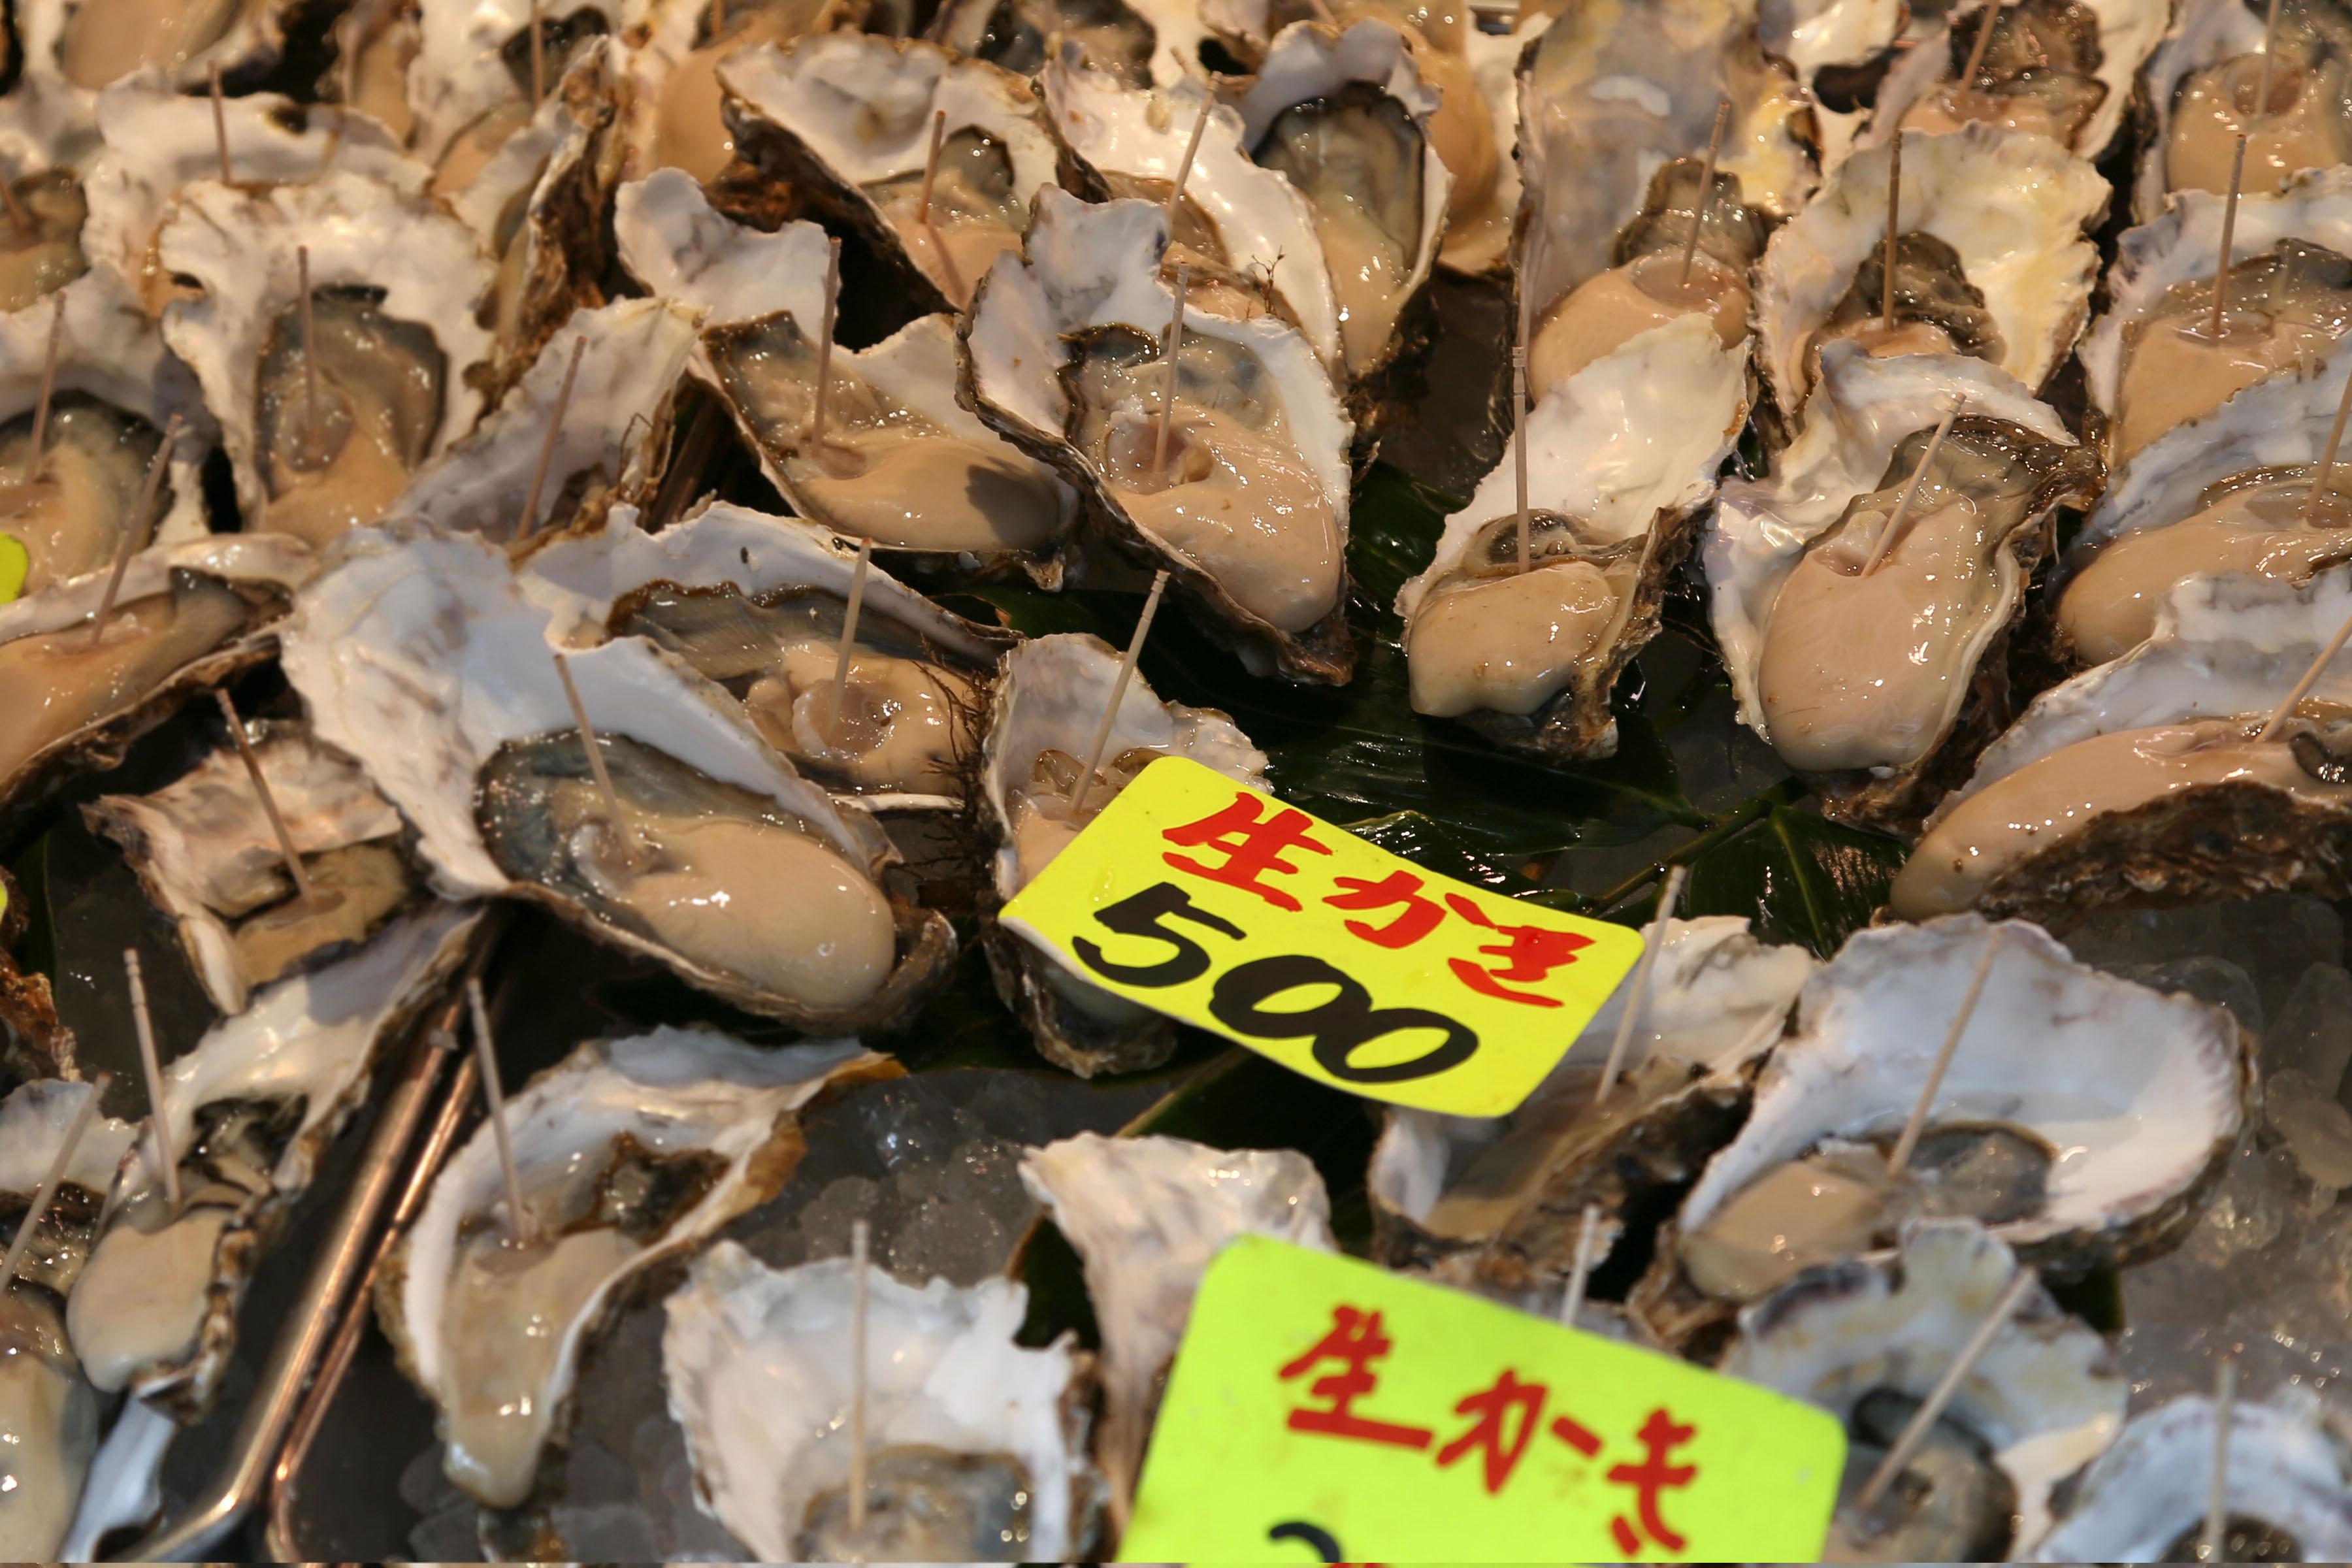 Oysters, Tsukiji Fish Market, Tokyo, Japan